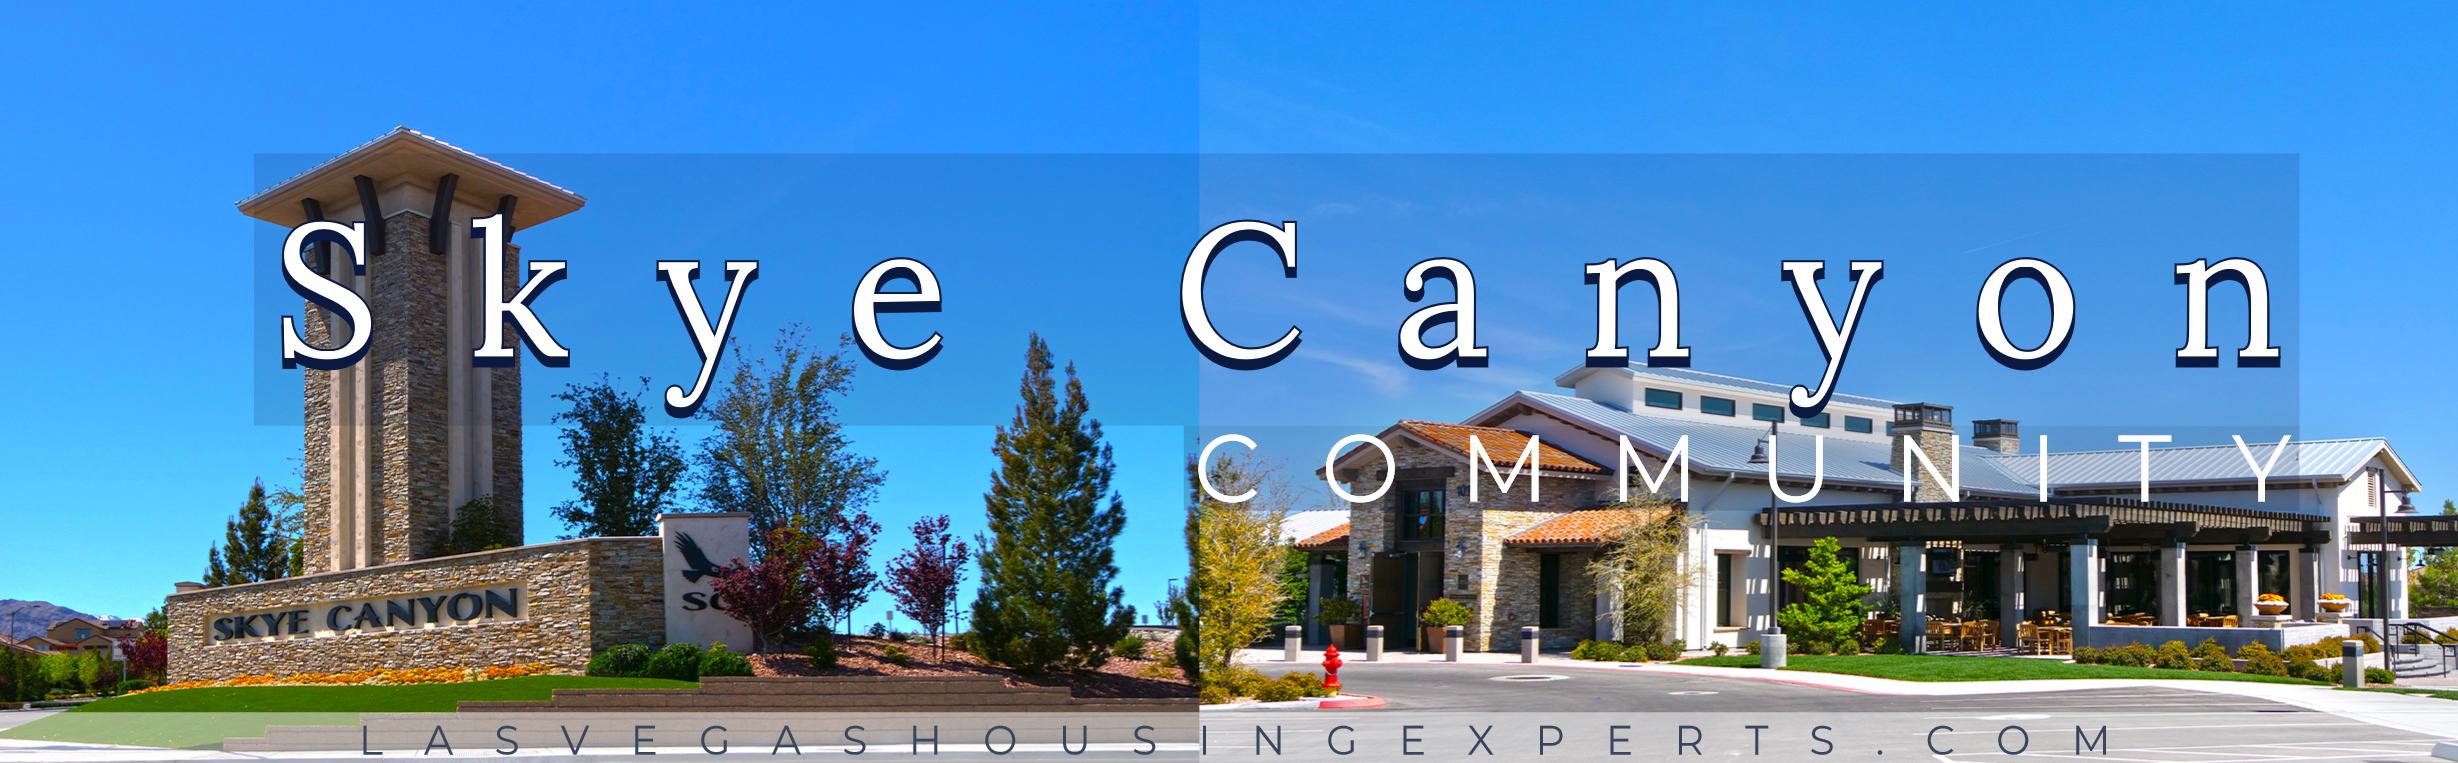 Skye Canyon Las Vegas Housing Experts real estate